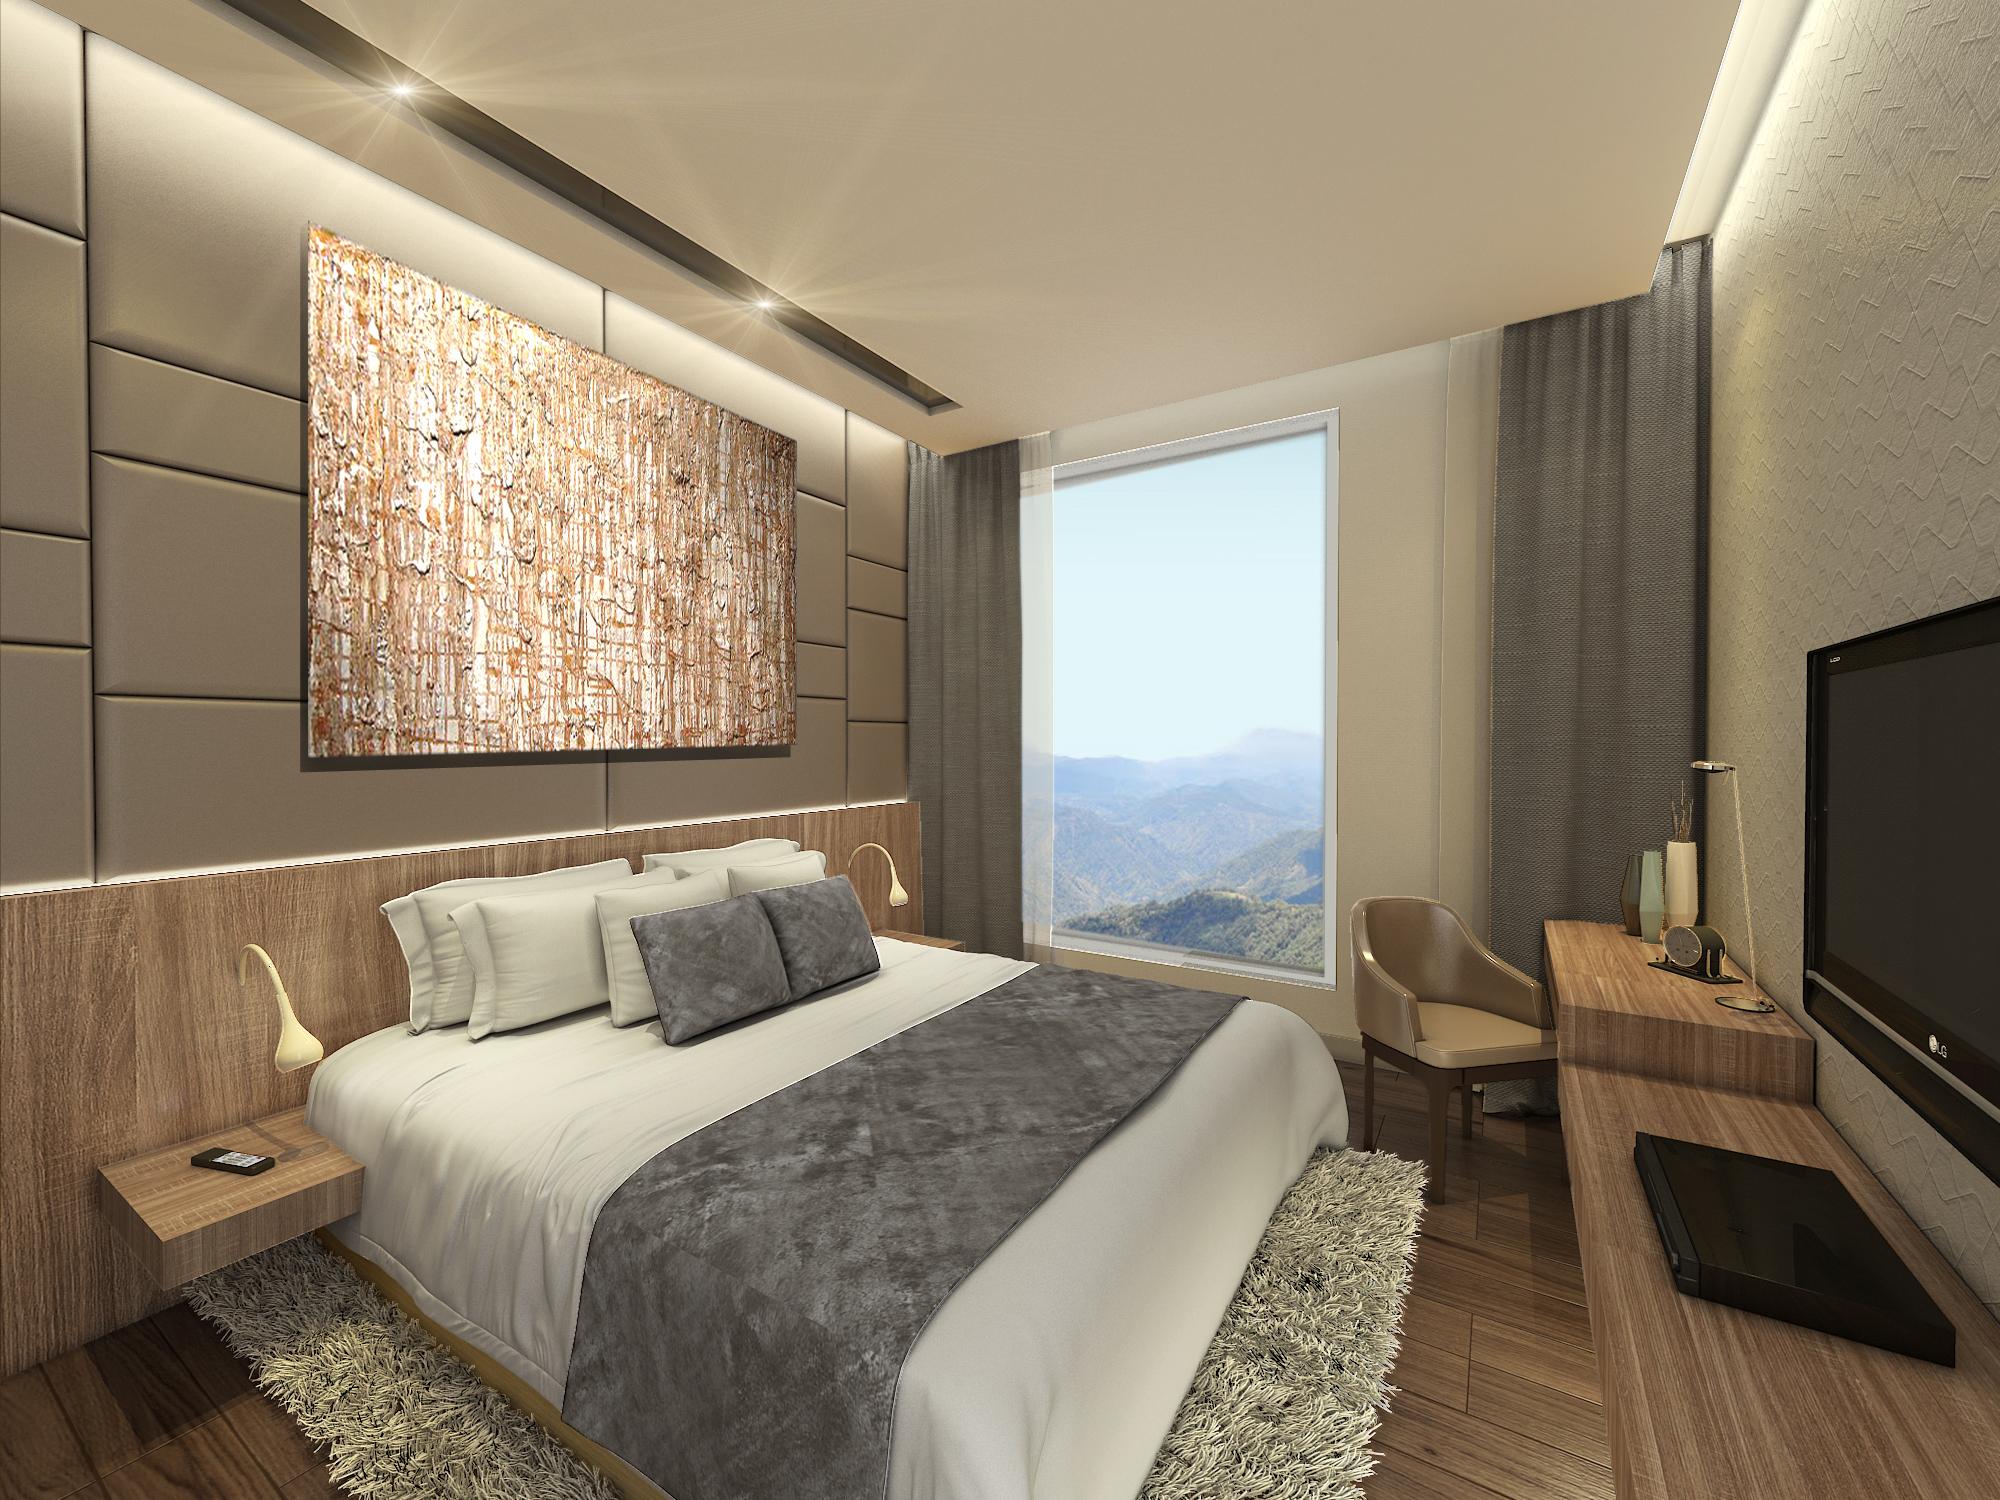 C2_Bedroom.jpg